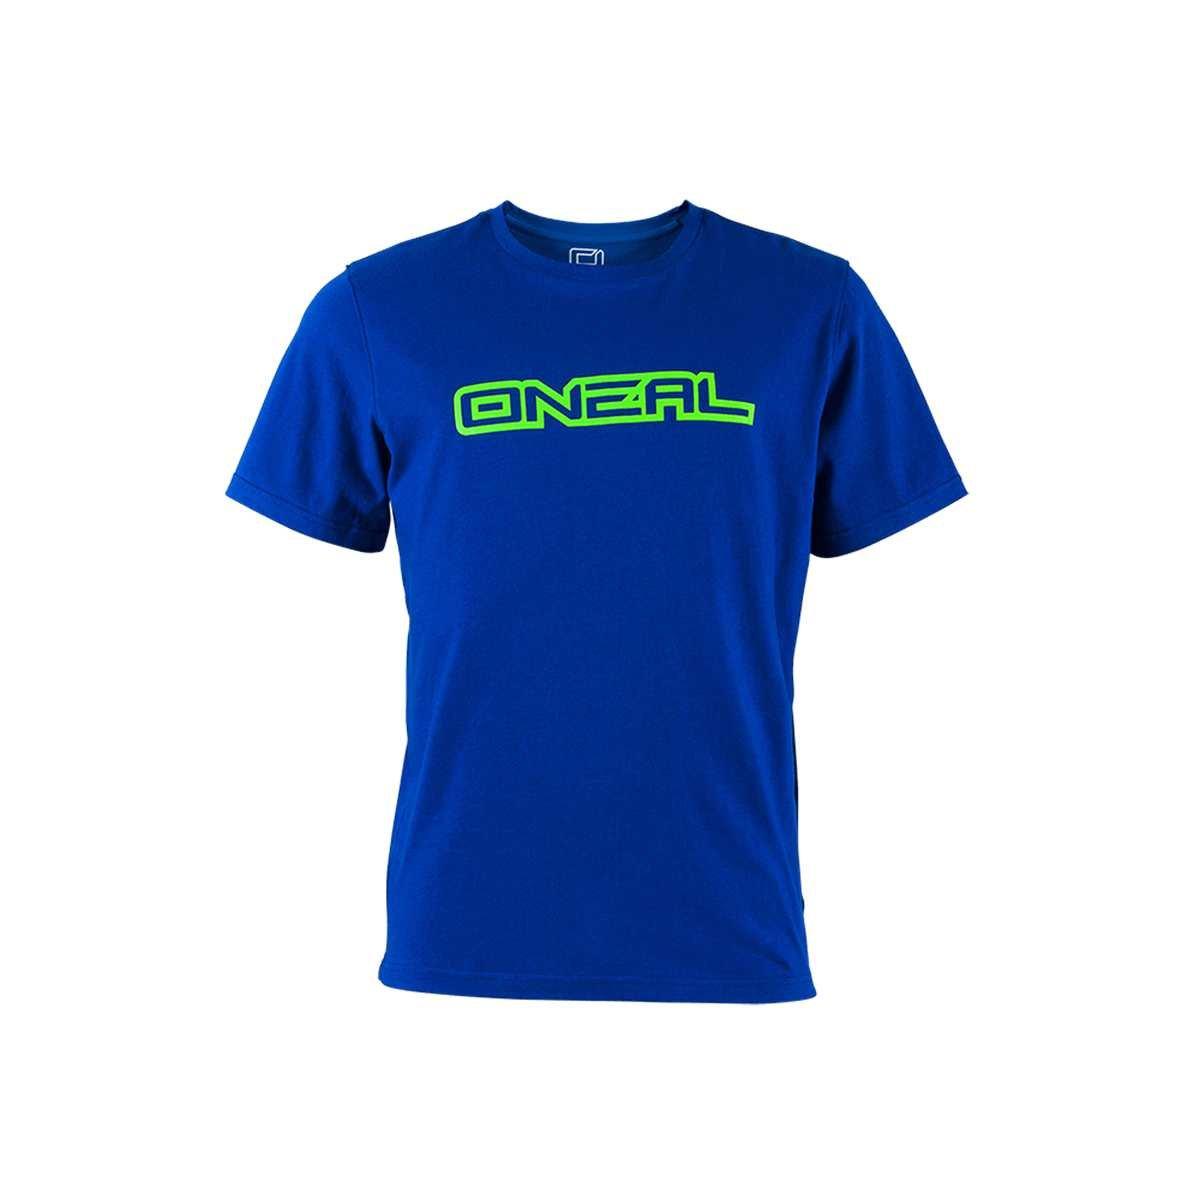 Oneal Piledriver T-Shirt blue XXL